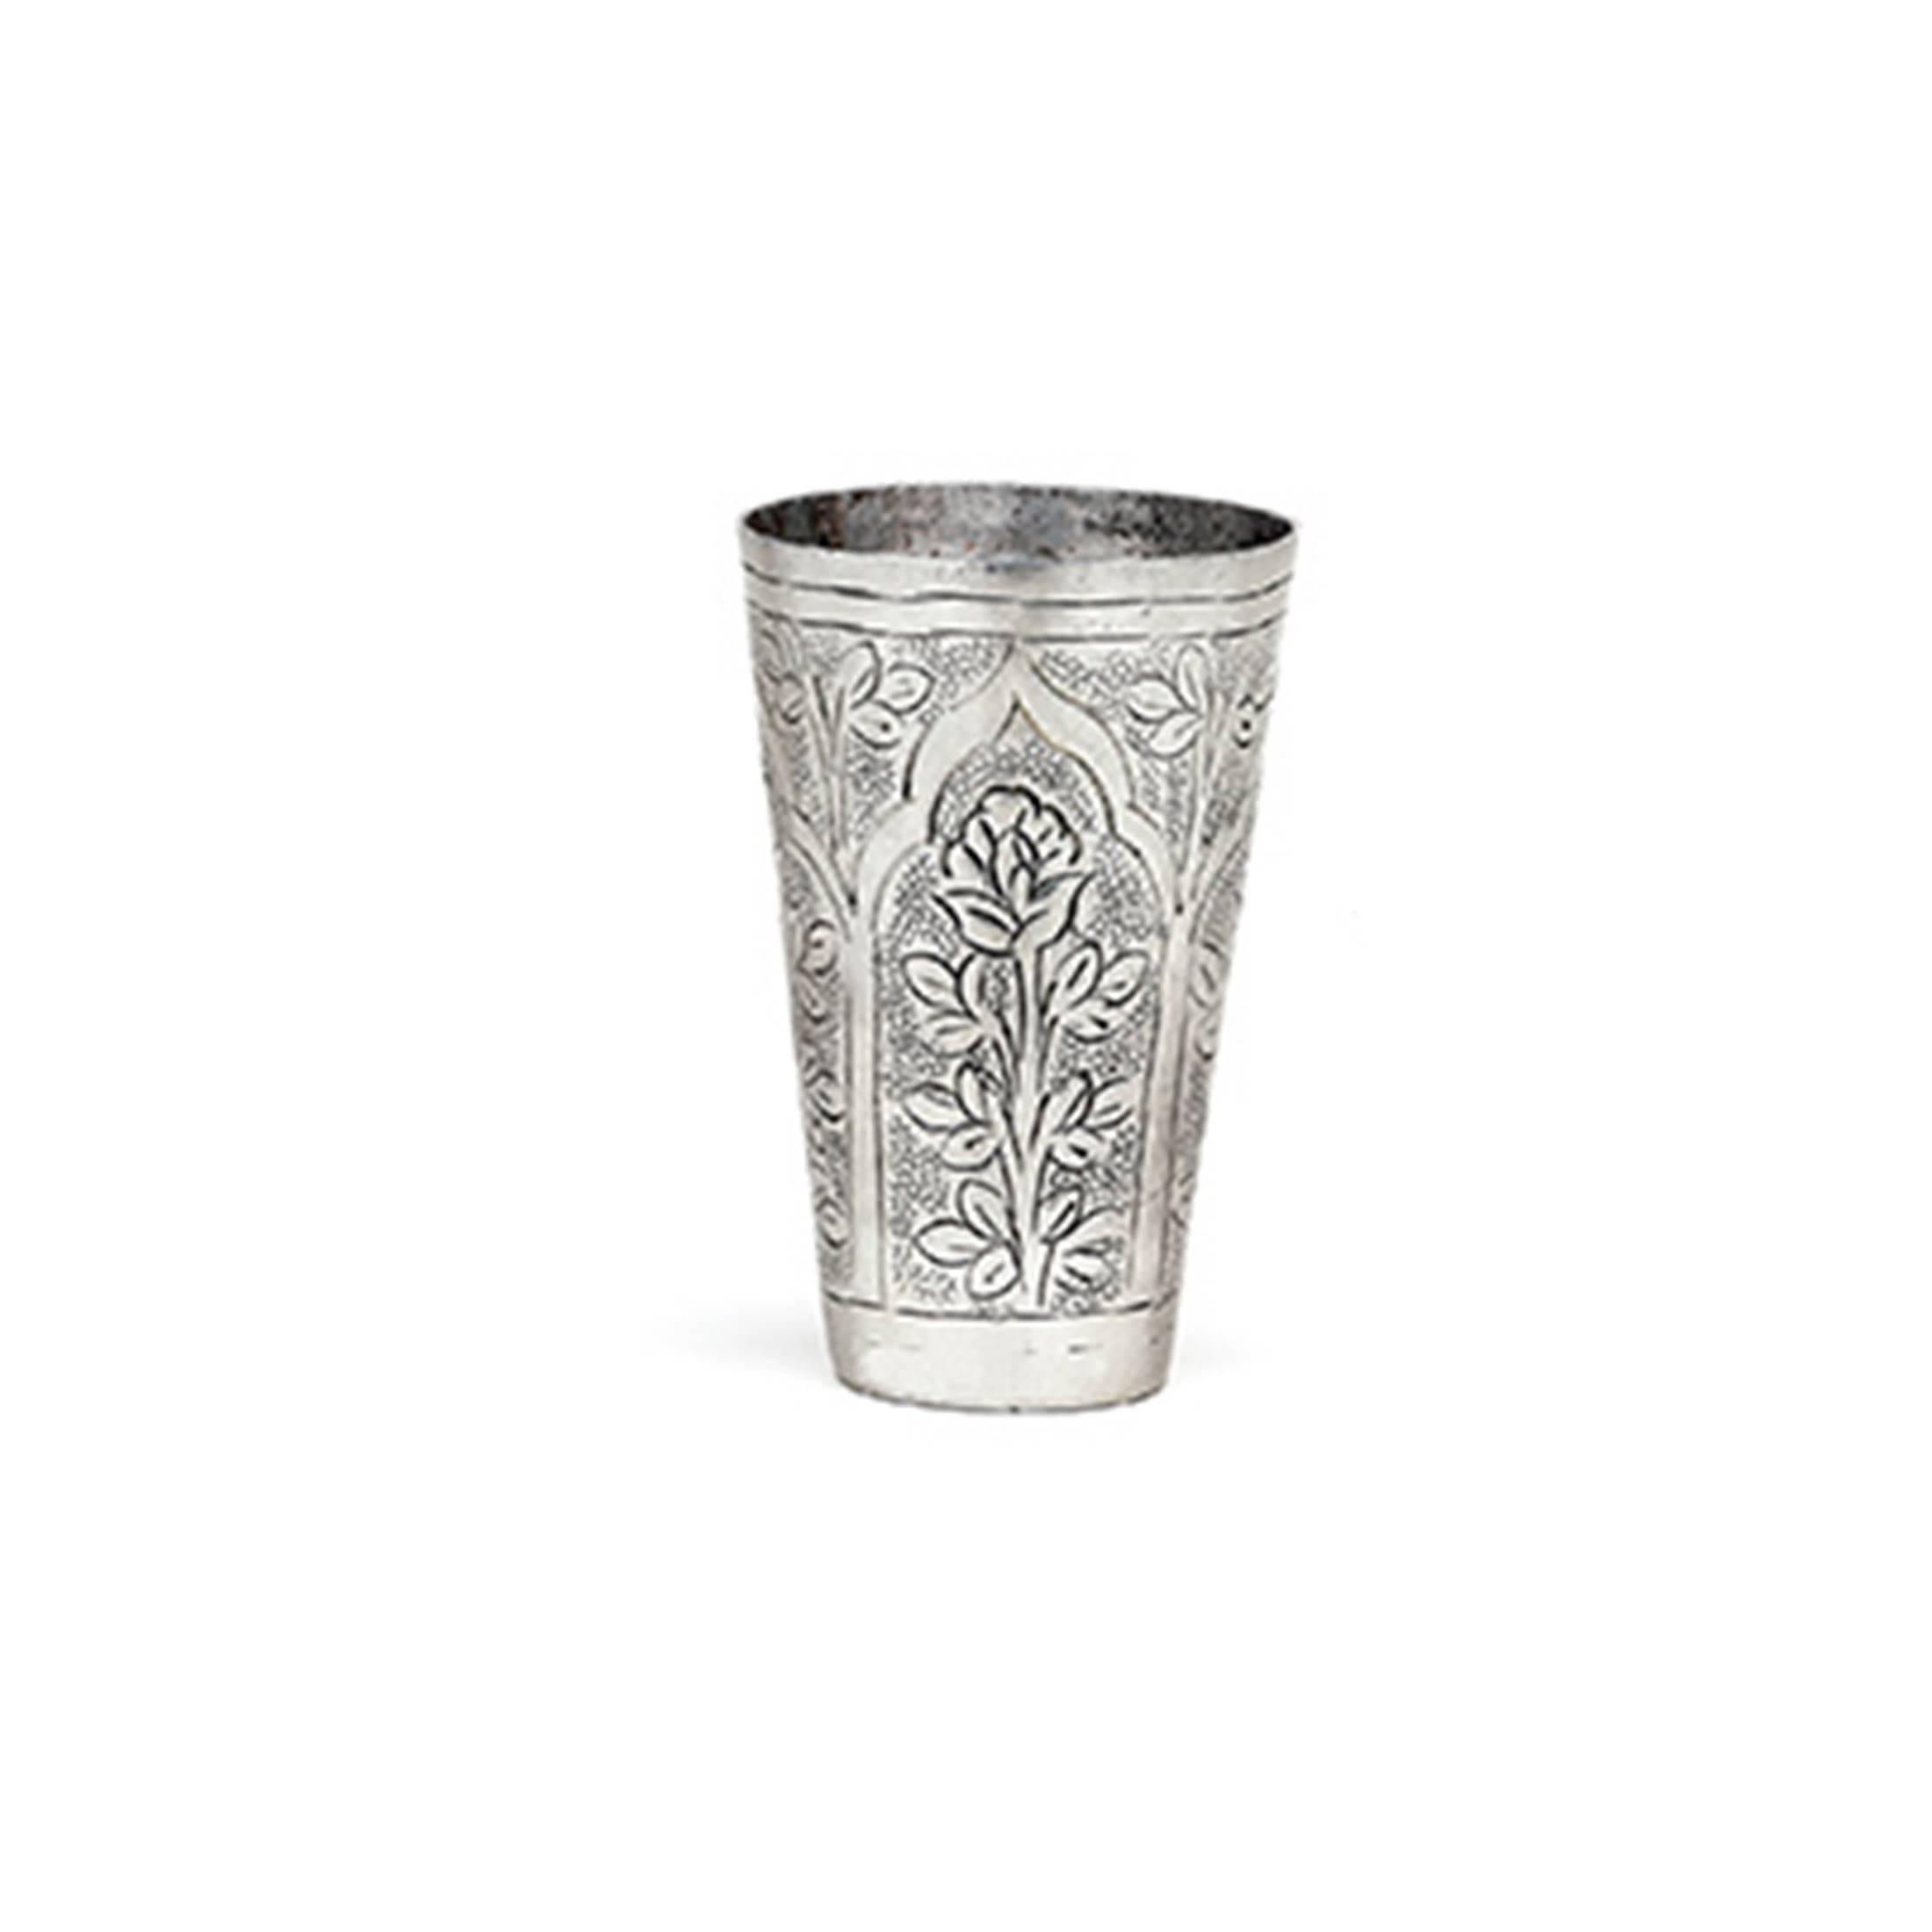 Marokkanischer Becher aus gehämmertem Metall von der Marke Van Verre. Lassi Becher für die Dekoration als Vase im marokkanischen Wohnstil